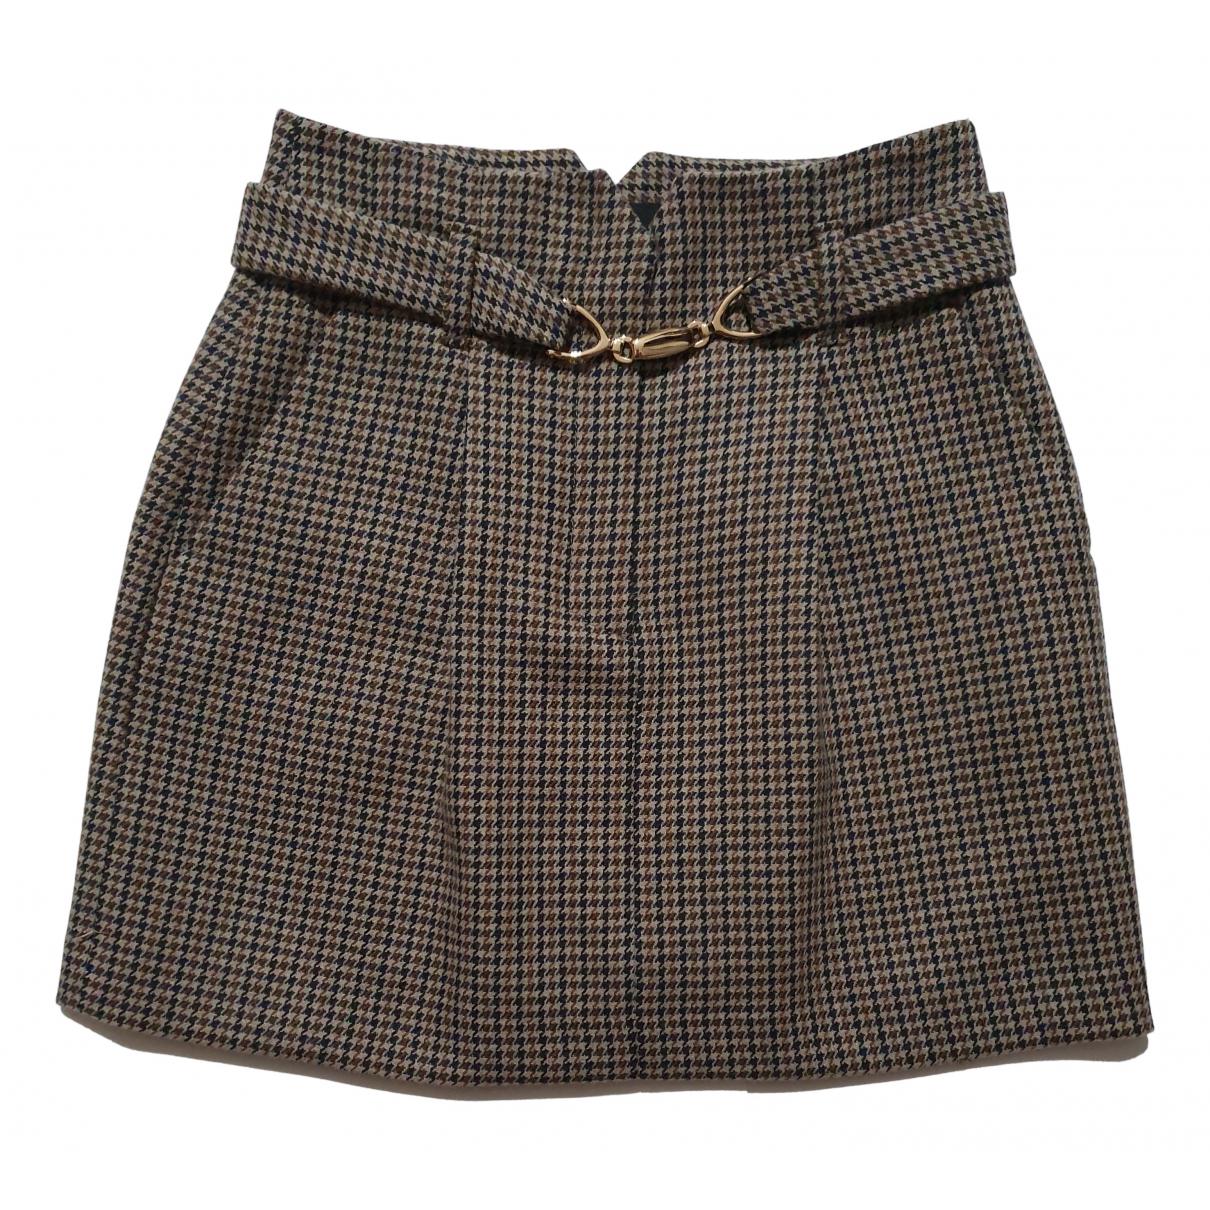 Maje Spring Summer 2020 Multicolour Wool skirt for Women 36 FR